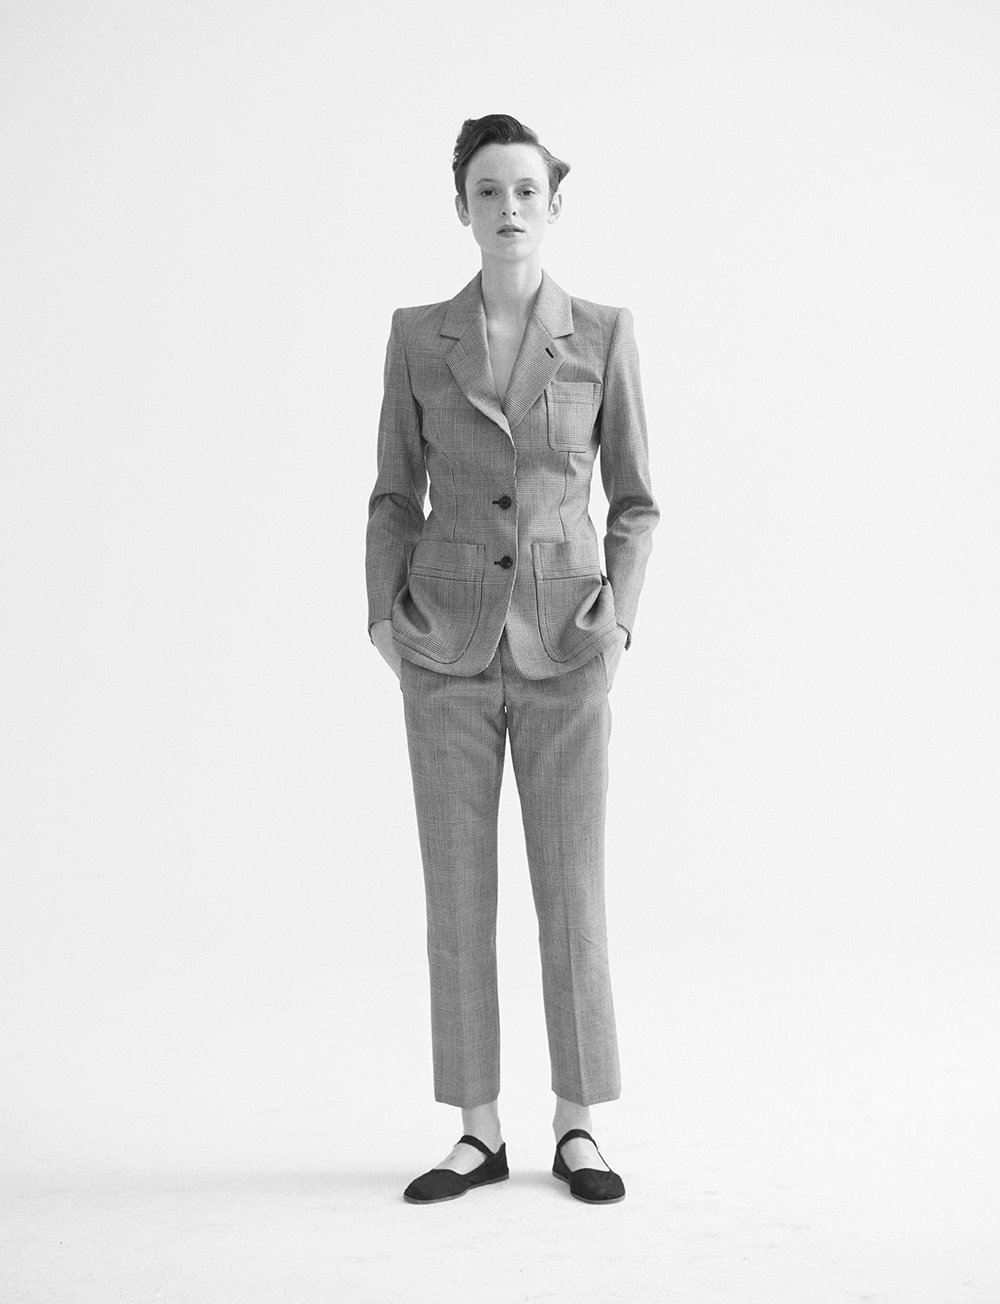 Bridget-Fleming-GIESELE-FOX-Portrait_128.JPG